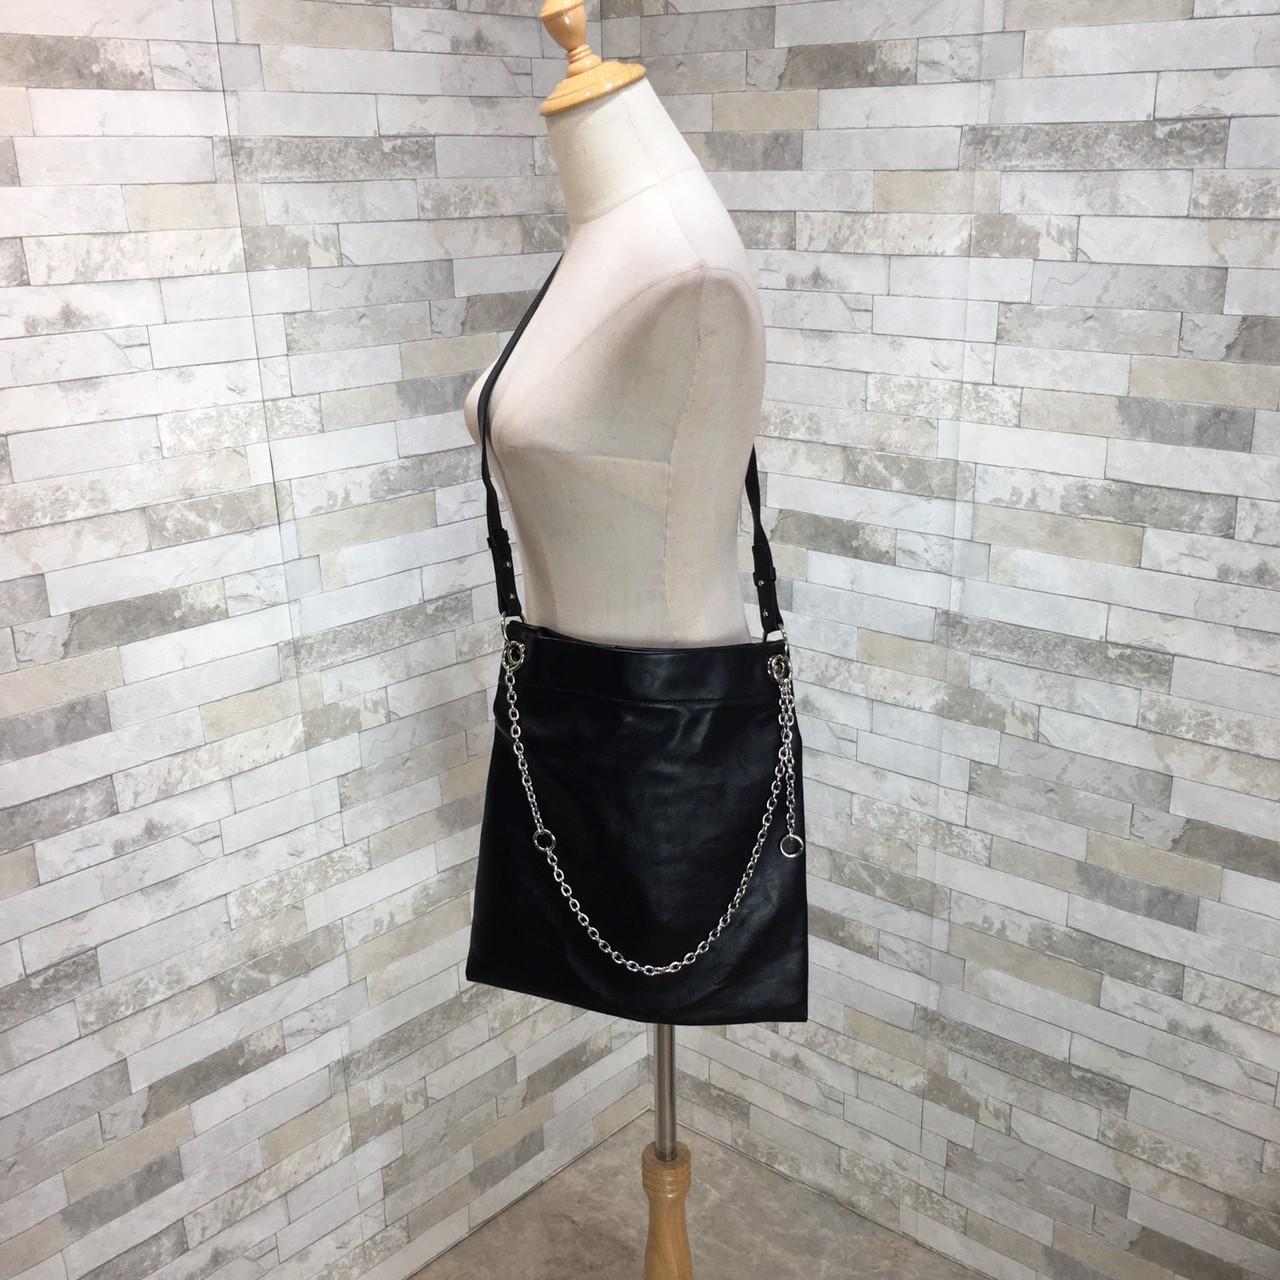 韓国 ファッション トートバッグ 春 夏 カジュアル PTXK175  チェーン レザー風 ショルダー トートバッグ オルチャン シンプル 定番 セレカジの写真14枚目